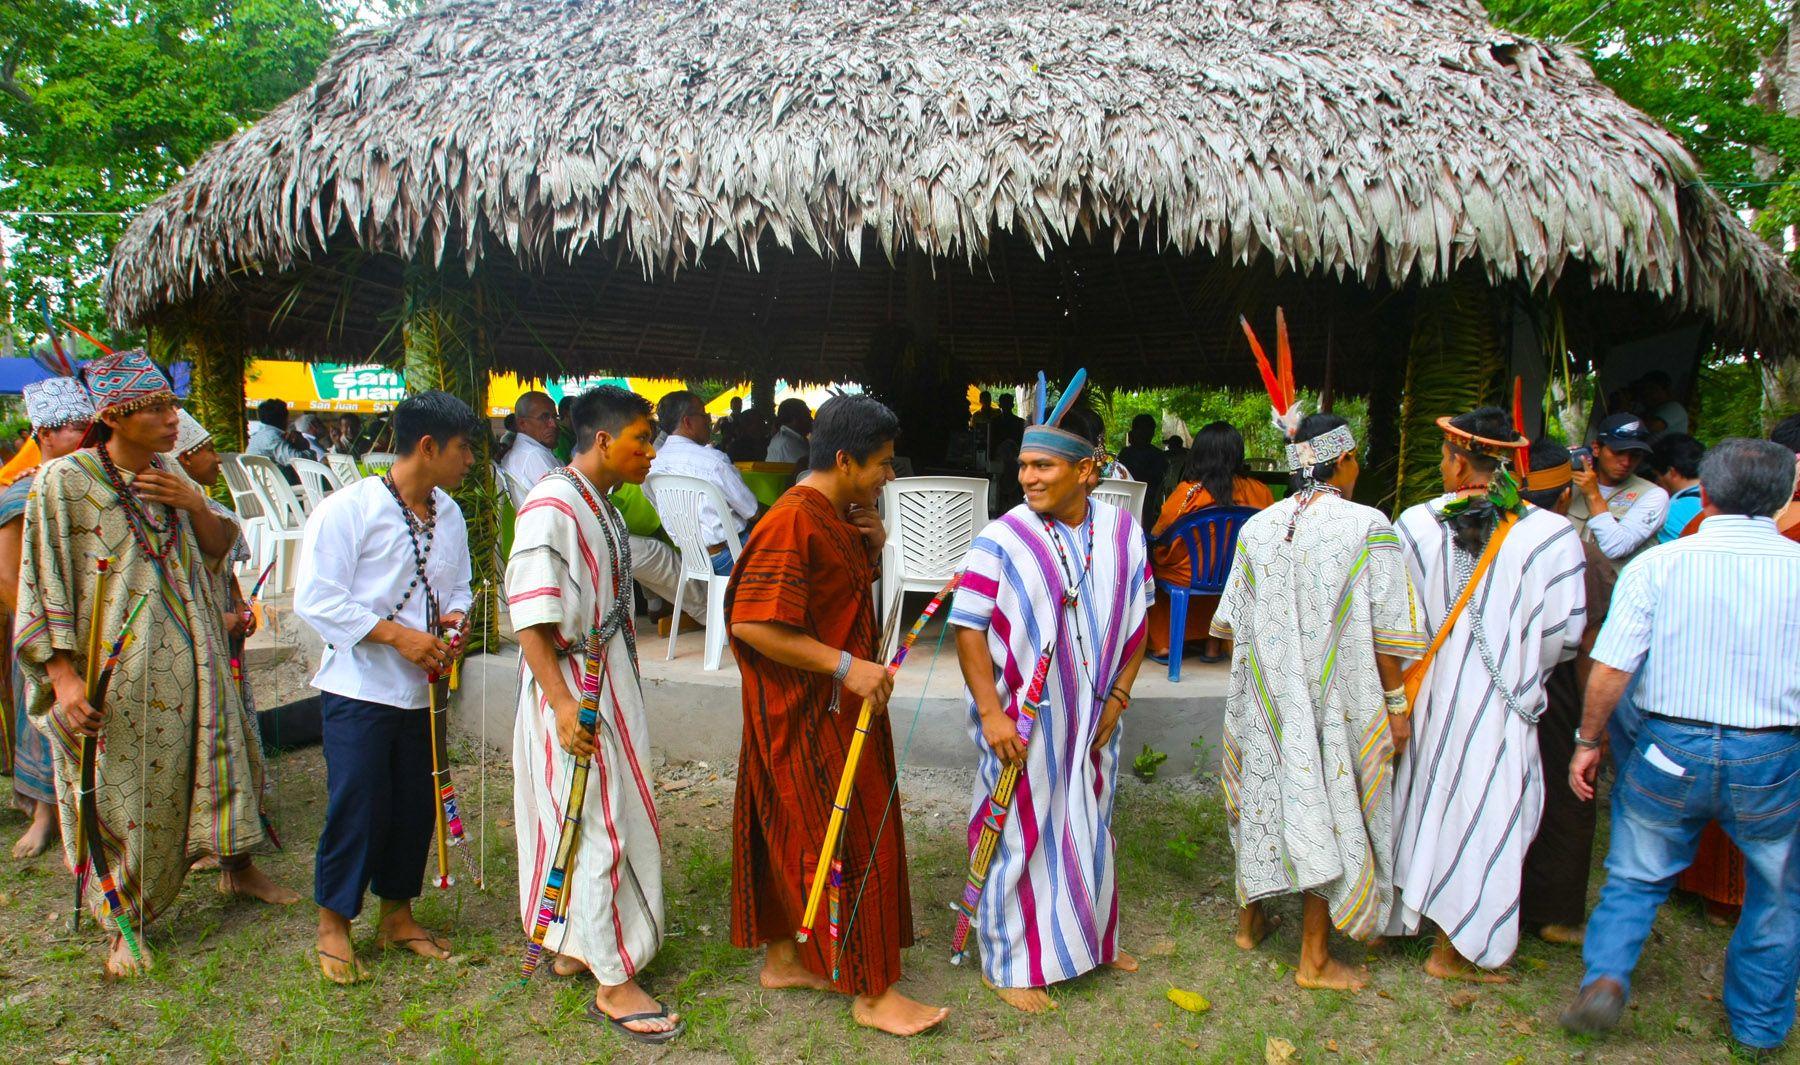 ¿Qué proponen los partidos políticos peruanos en materia de pueblos indígenas?